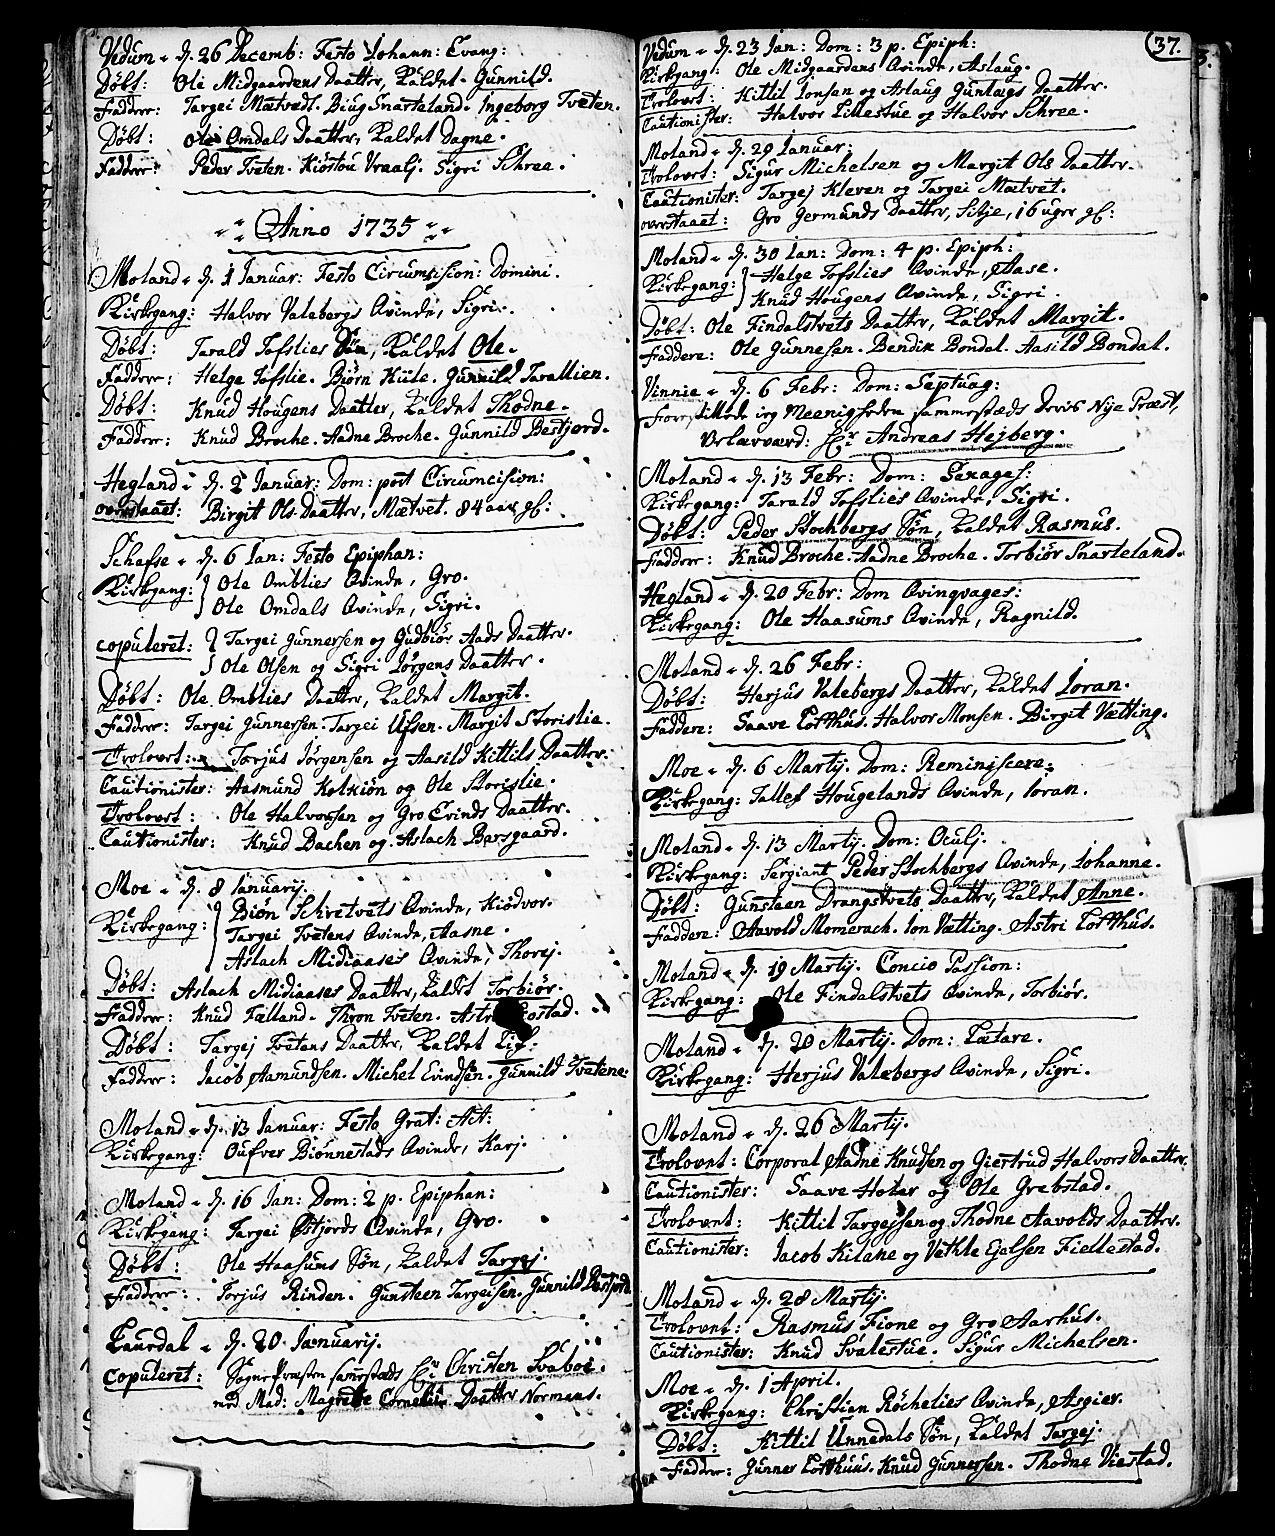 SAKO, Fyresdal kirkebøker, F/Fa/L0001: Ministerialbok nr. I 1, 1724-1748, s. 37